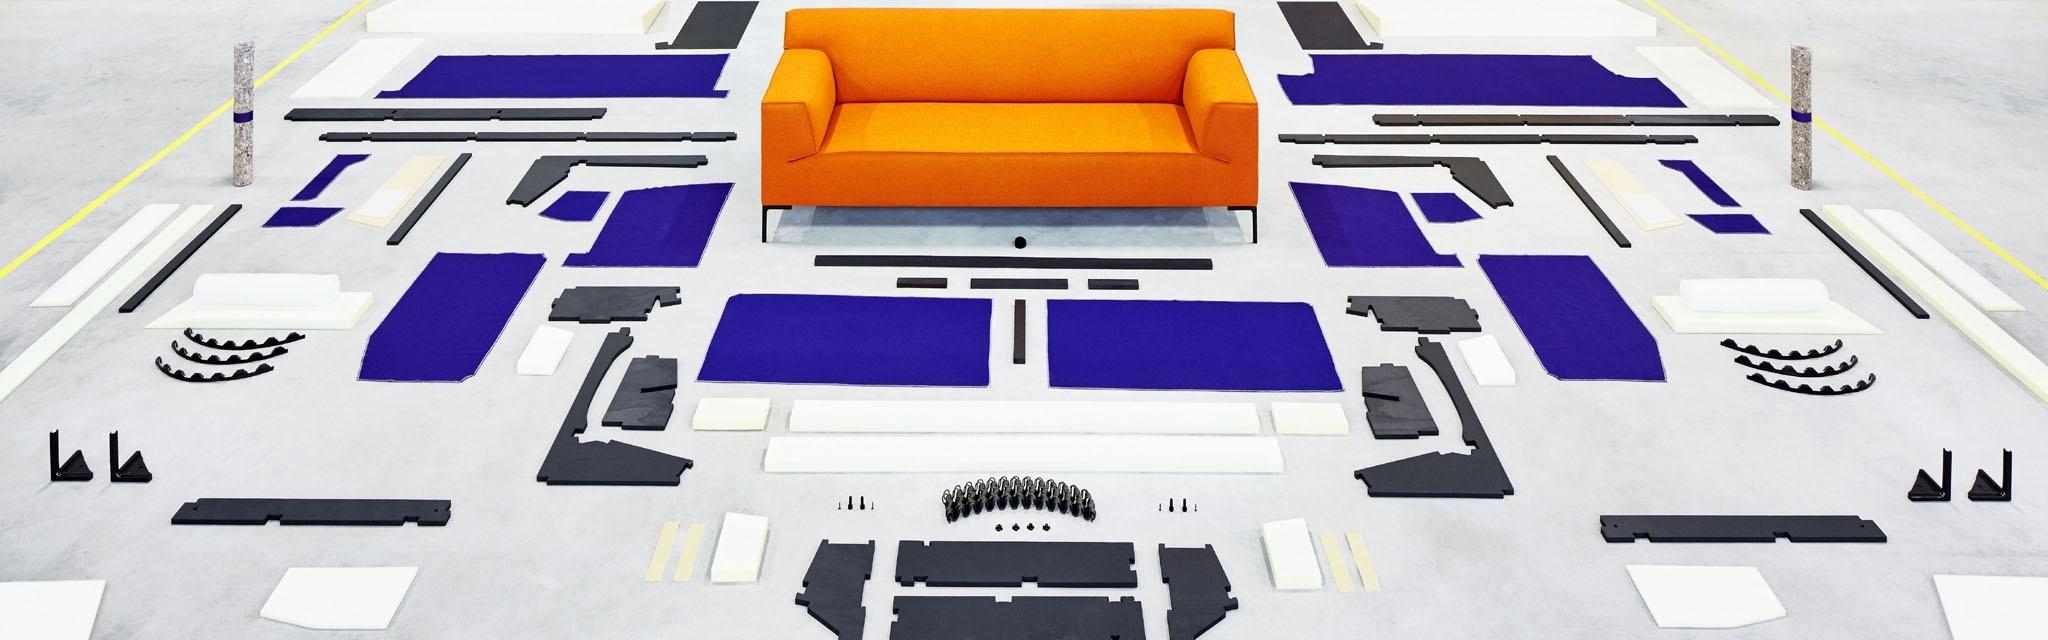 Dutch modern furniture materials